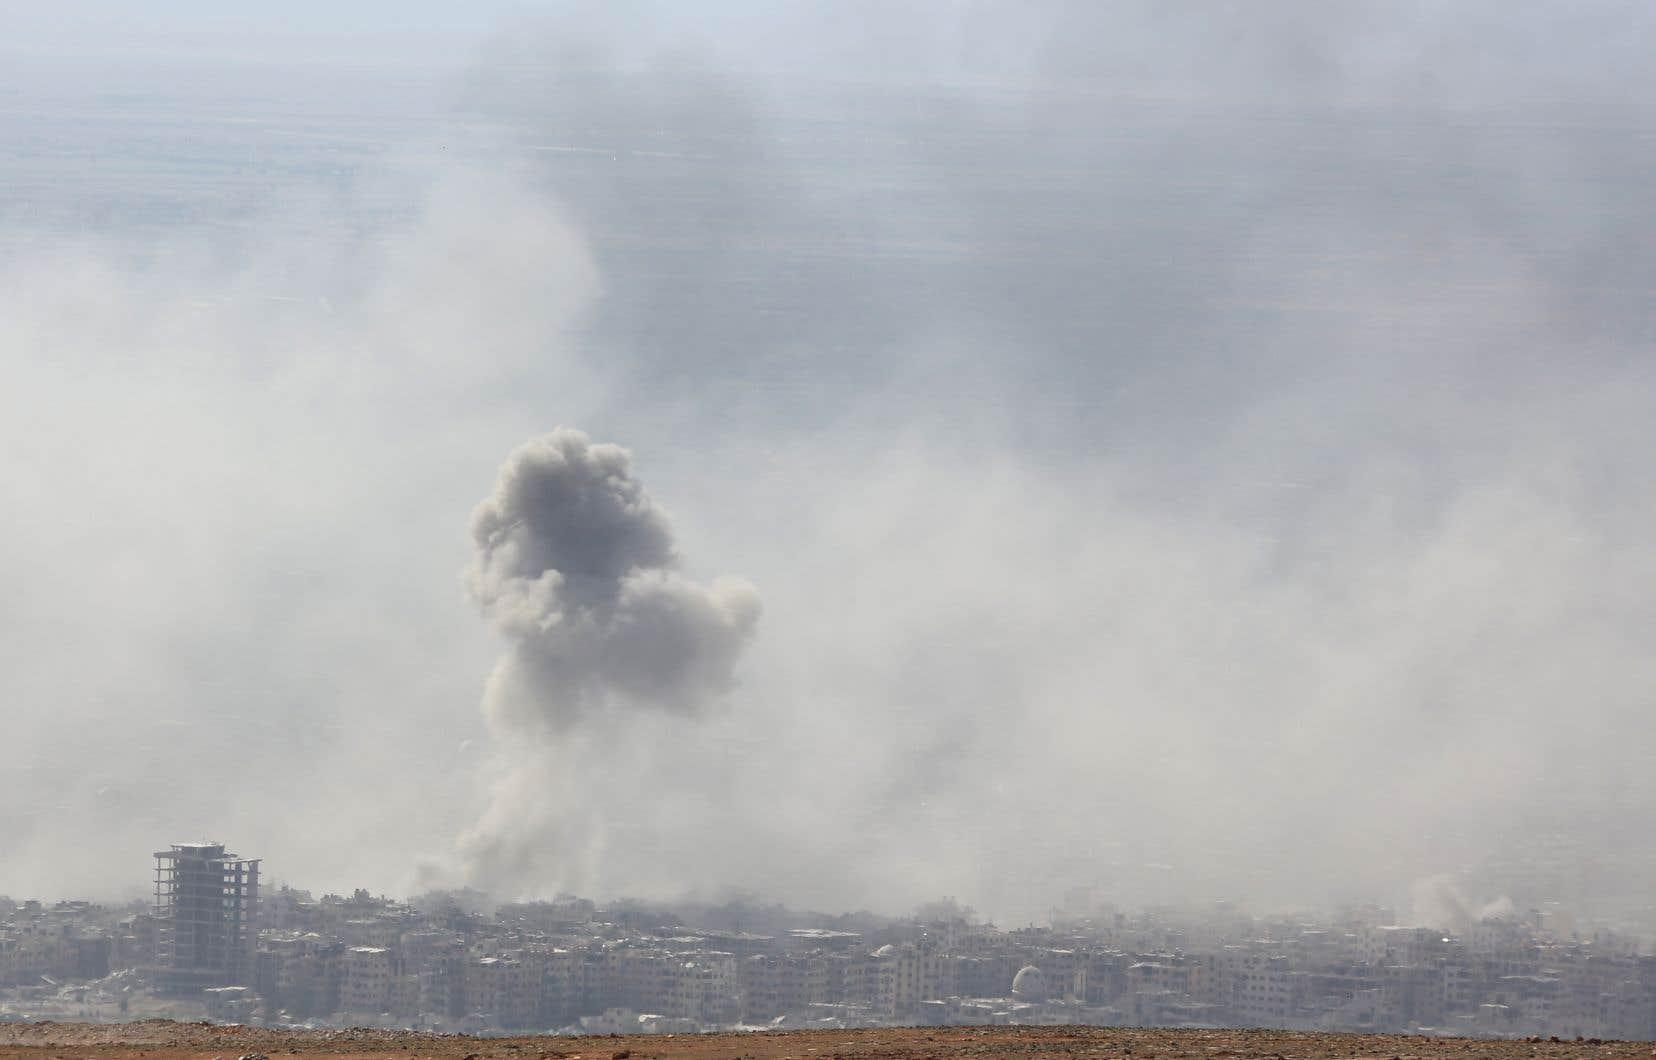 Un panache de fumée s'élève au-dessus de la ville de Douma, en Ghouta orientale, où se serait produite l'attaque aux gaz toxiques du 7avril.